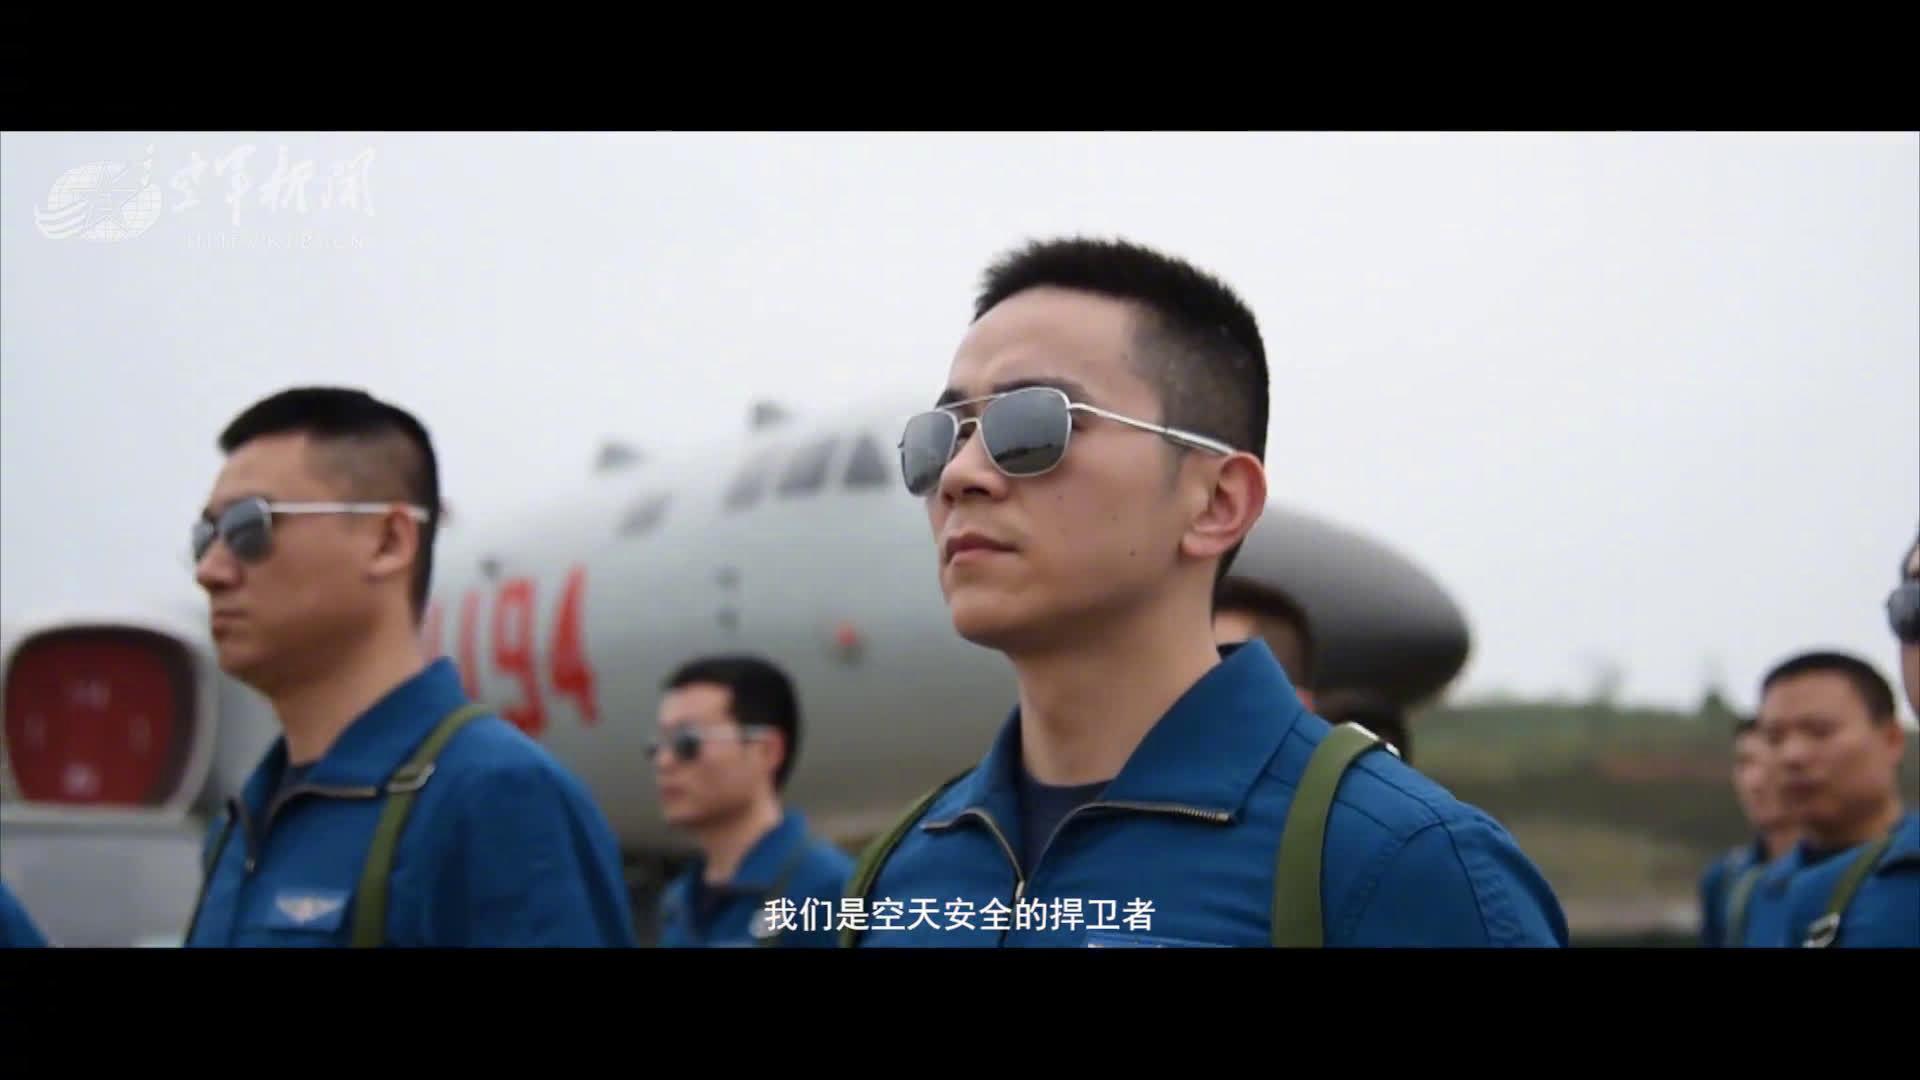 战鹰为祖国守岁!他们是中国空军航空兵